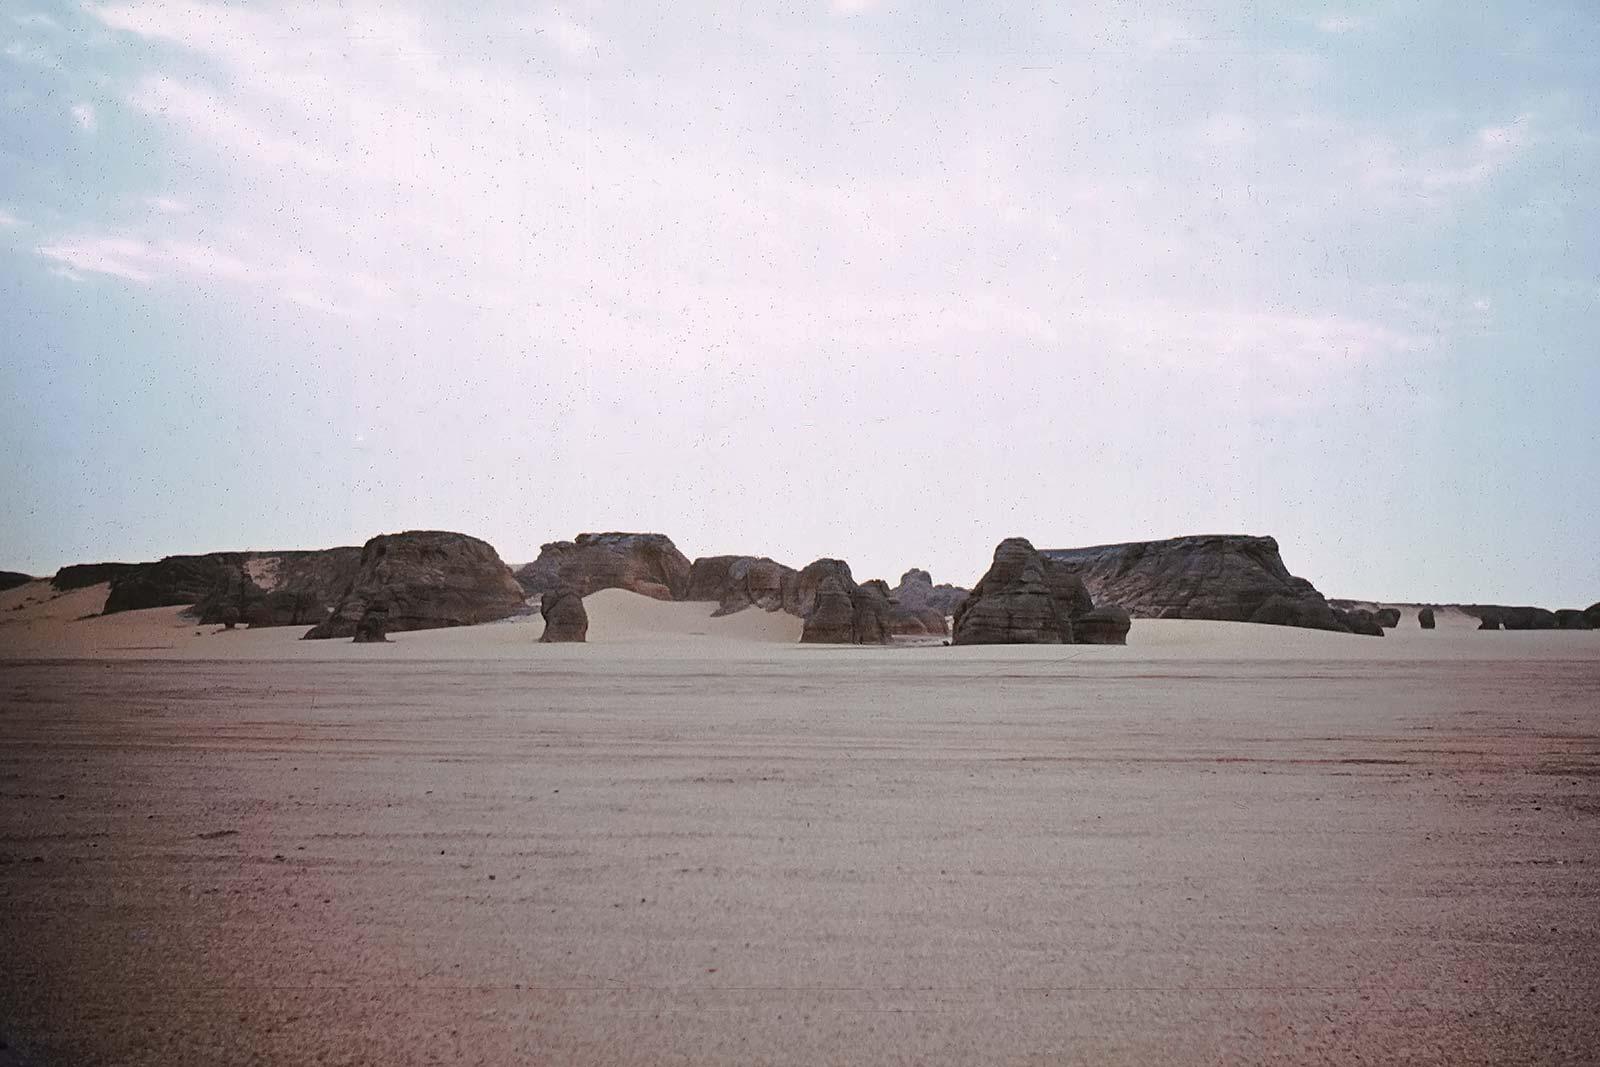 desert-egypt-trucking-africa-unimog